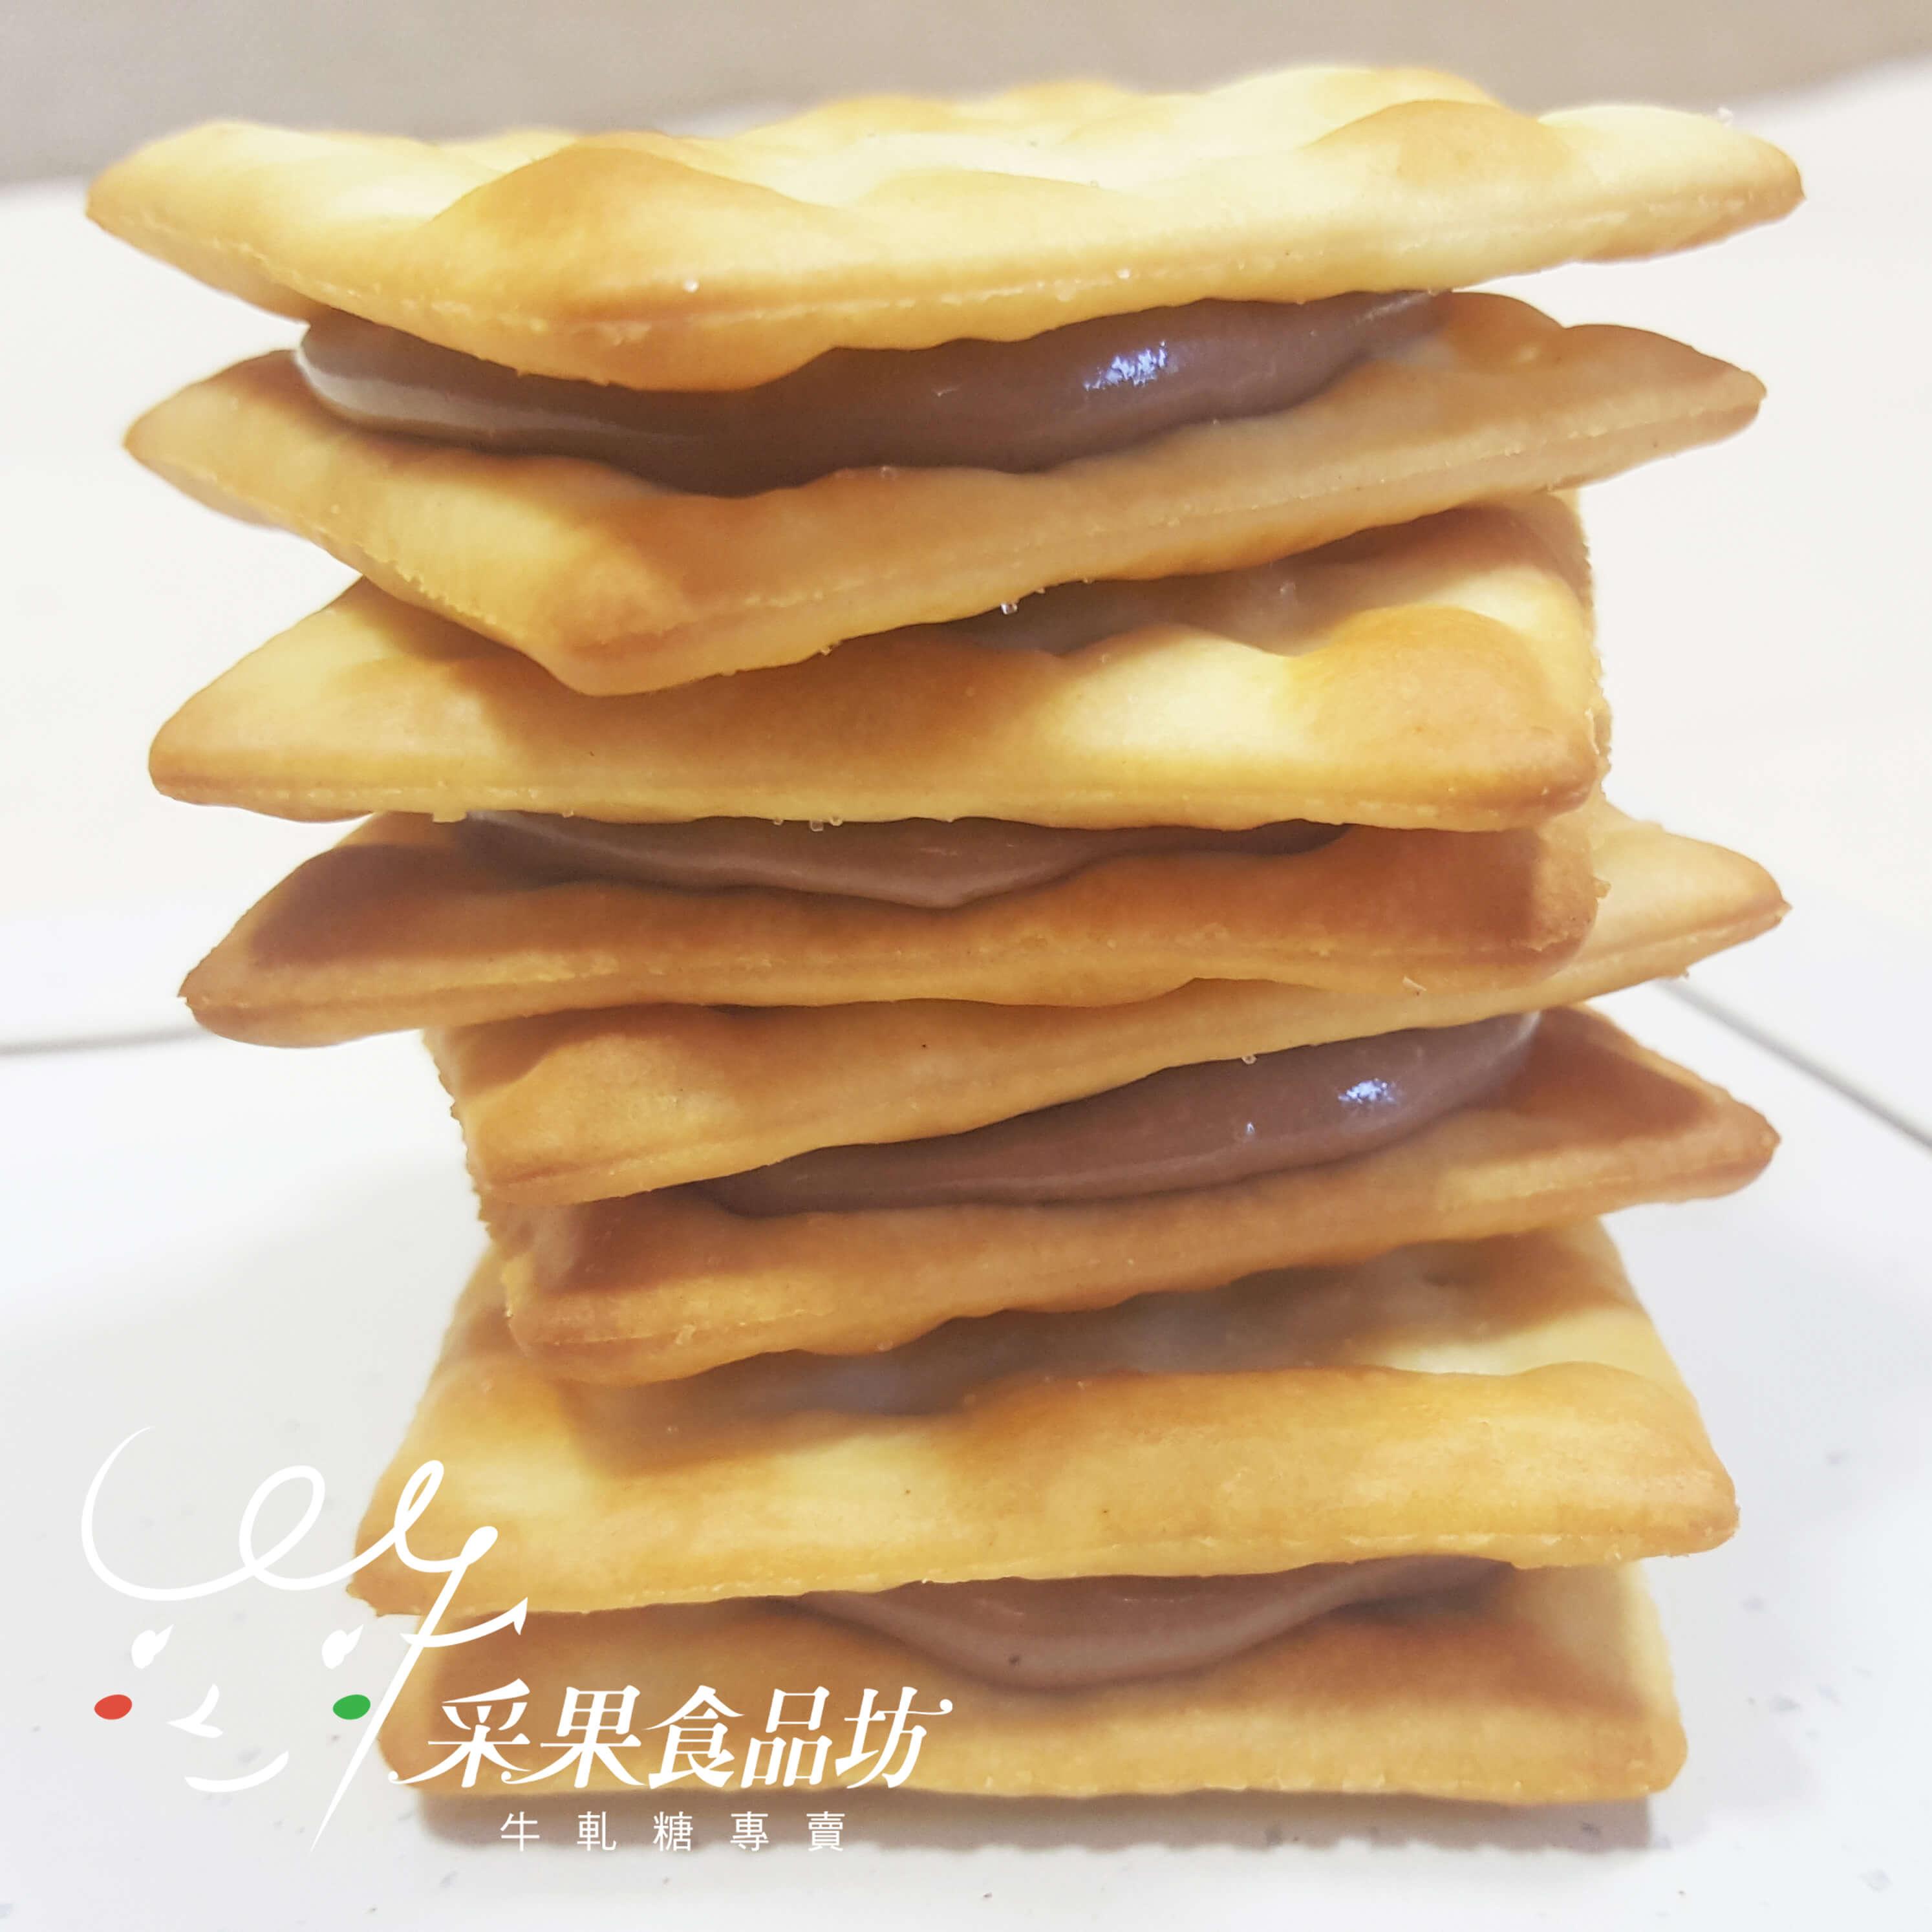 【采果食品坊】巧克力牛軋餅 16入 / 袋裝 1